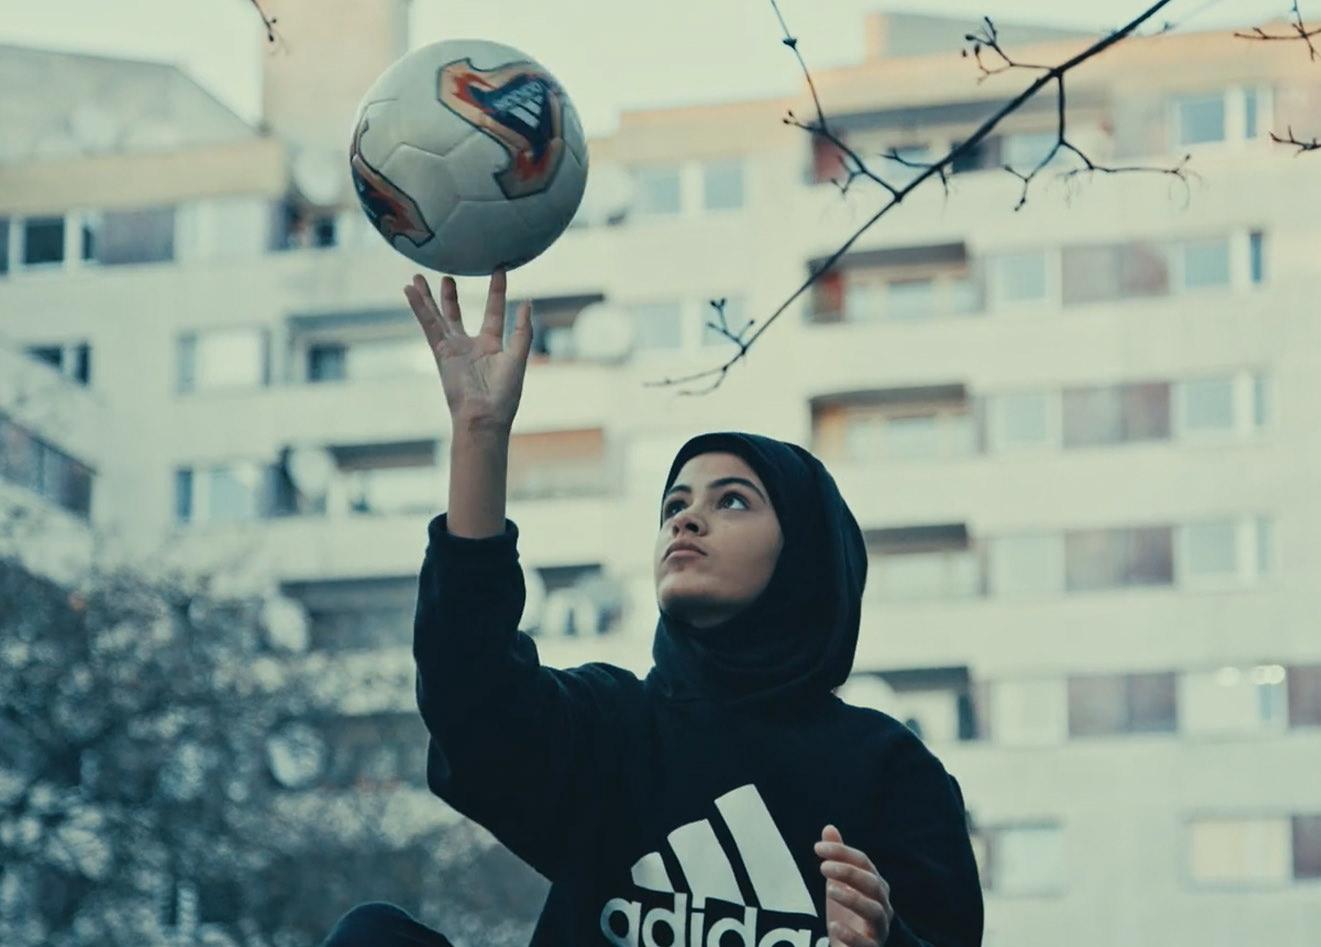 #wedrivefootball – ESRA / Volkswagen